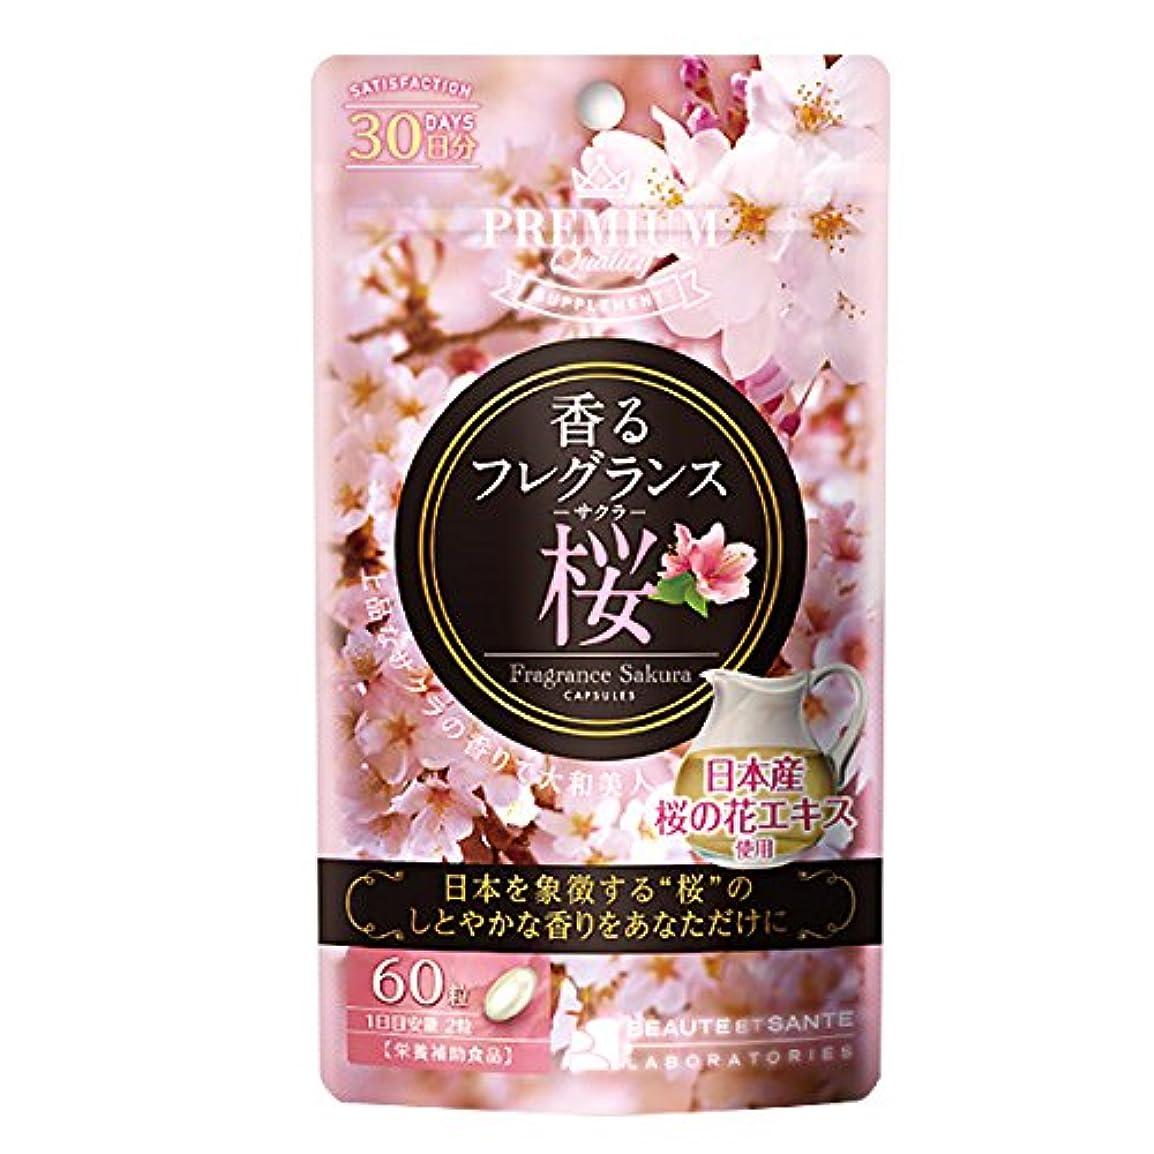 メールを書く余剰驚くべき香るフレグランス 桜 [60粒]